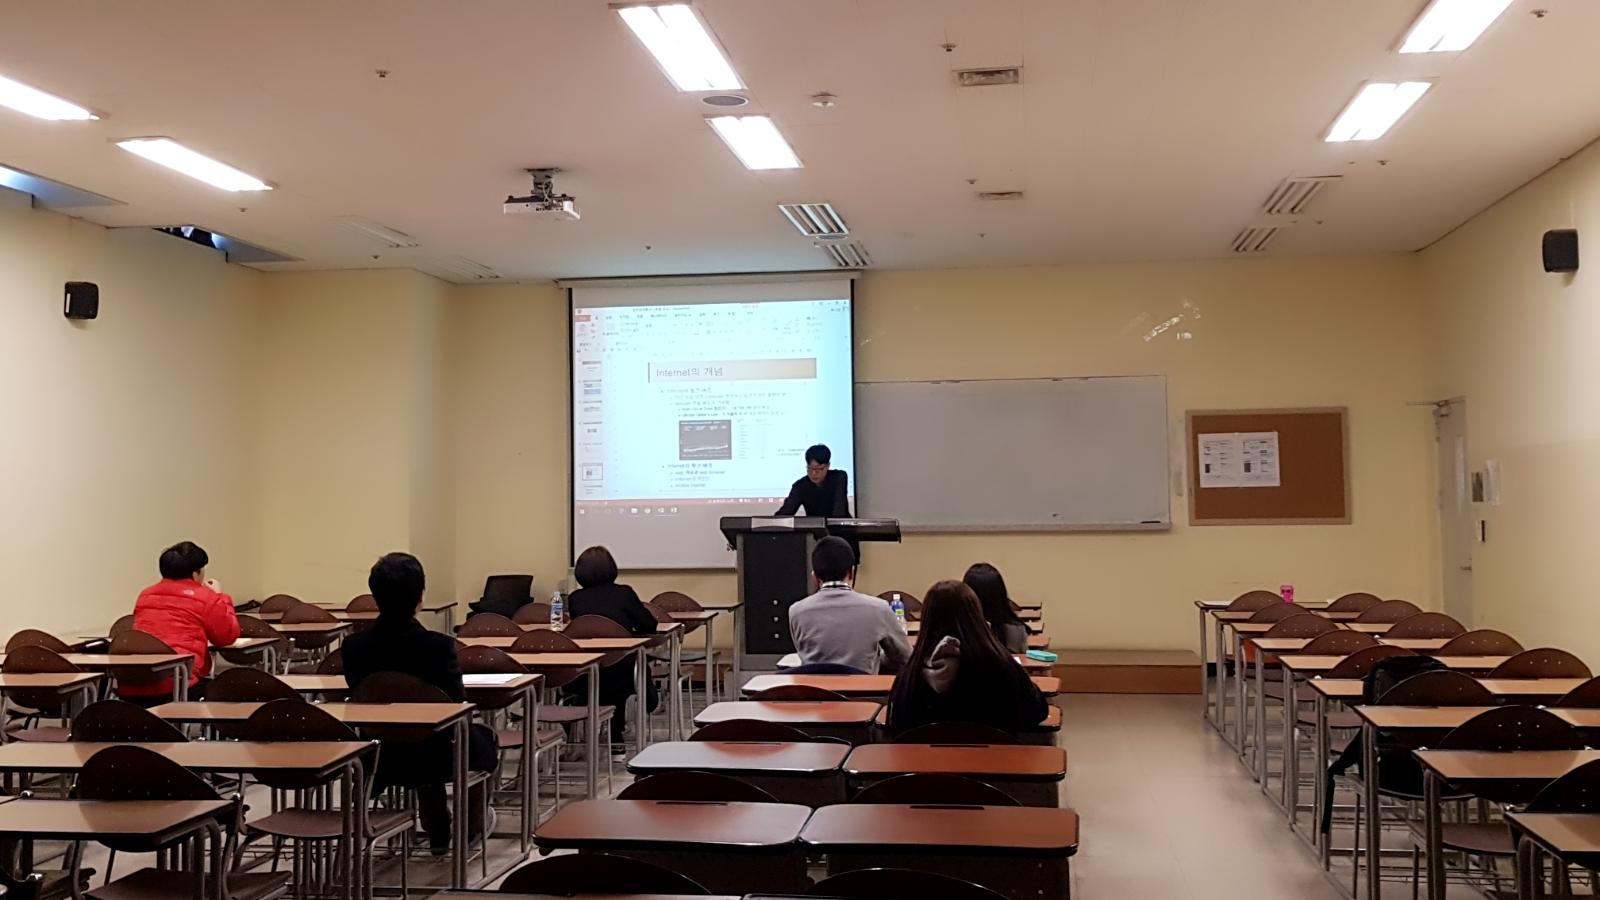 IT학부 4월 오프라인수업